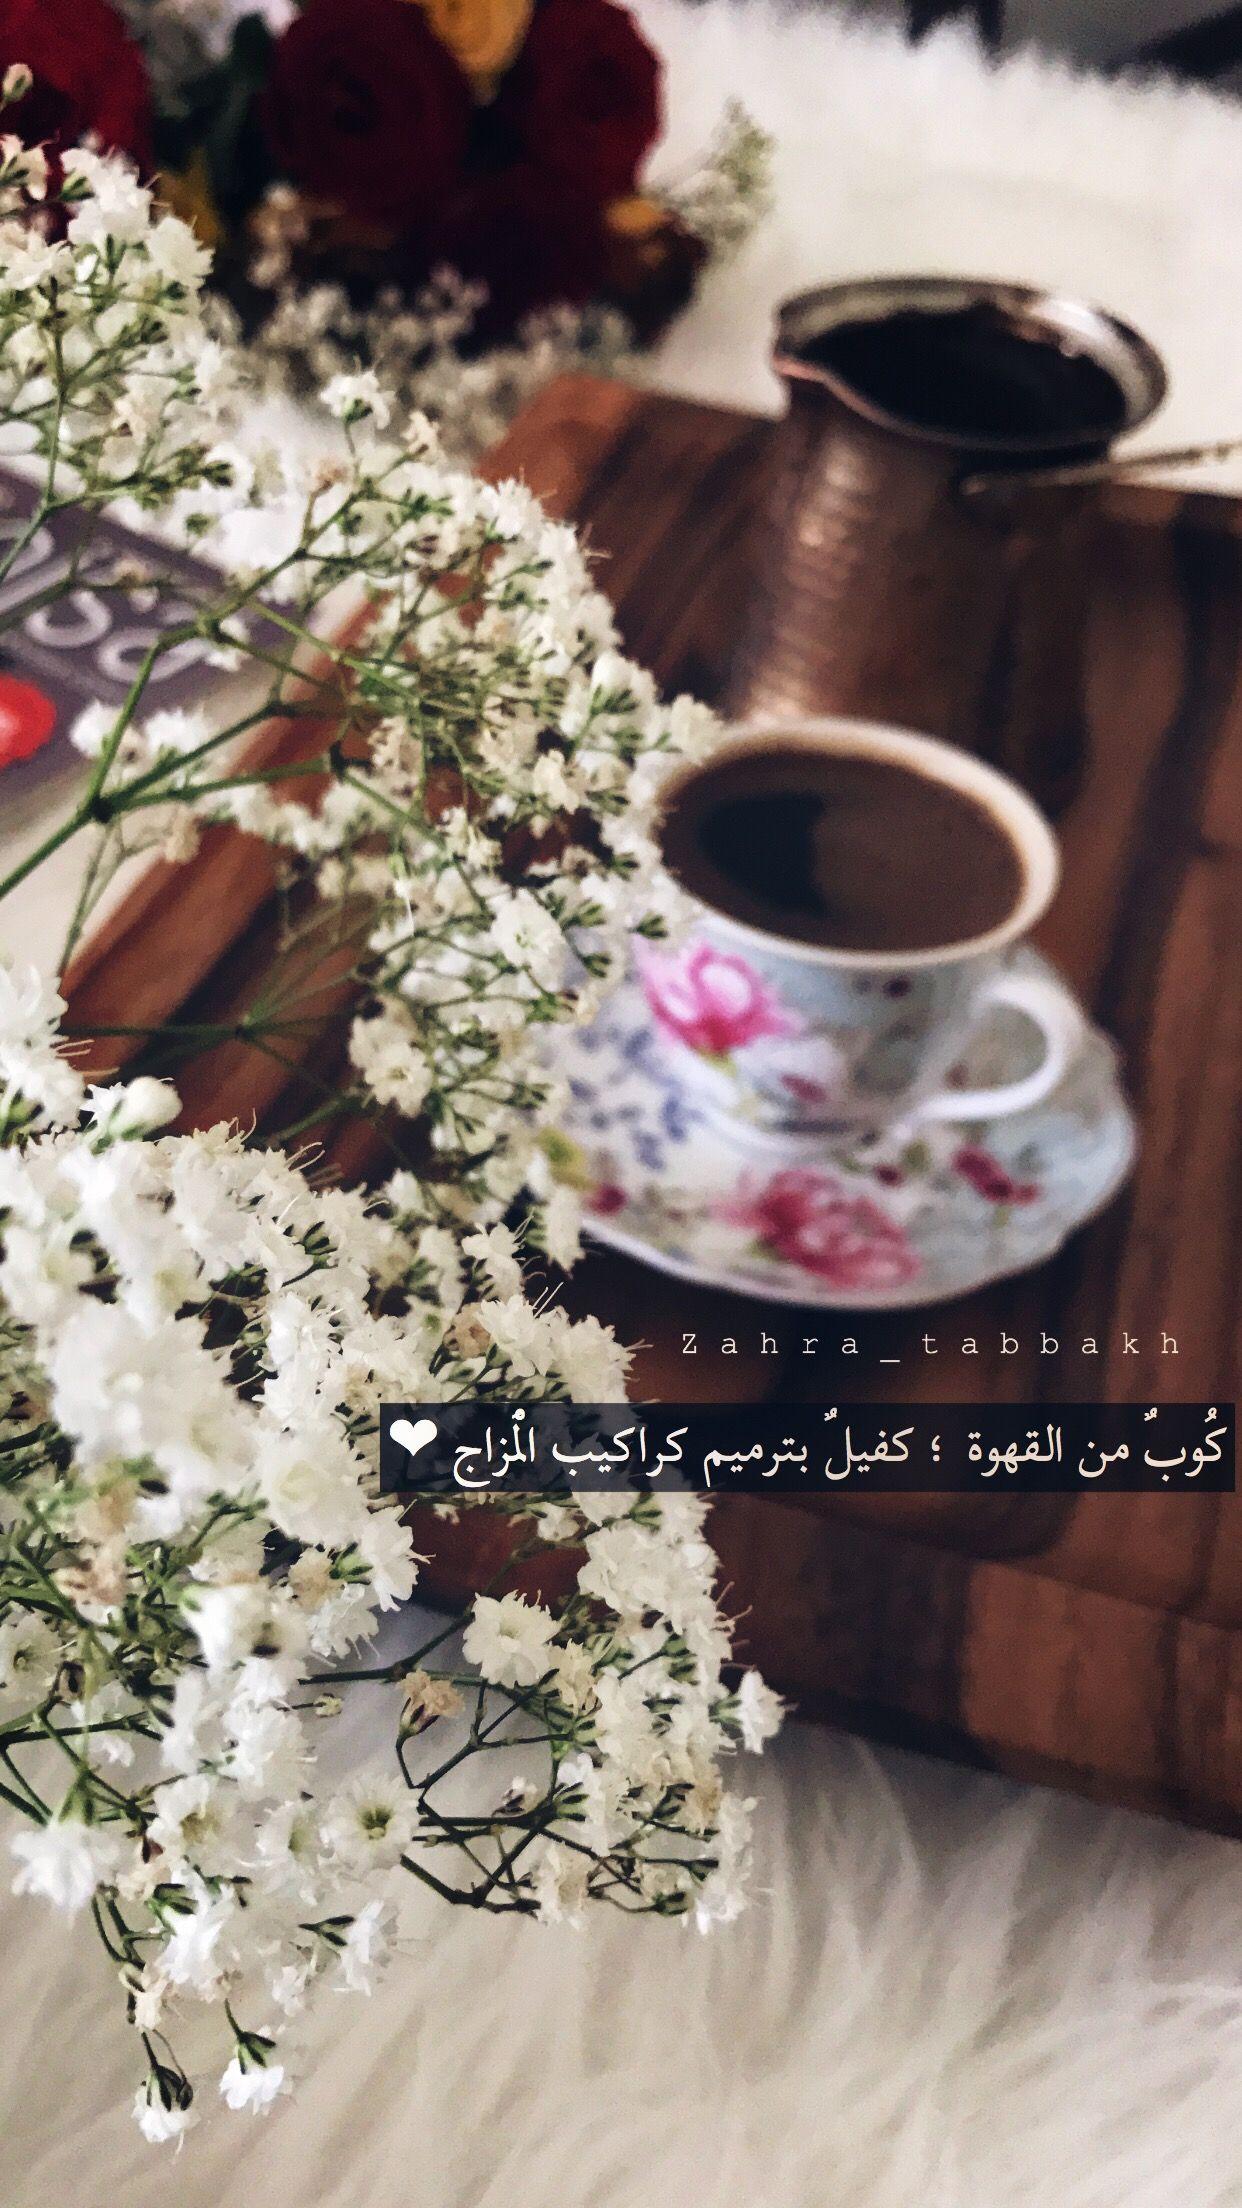 Pin By Zahra Tabbakh On Snaps Beautiful Words Winter Coats Women Beautiful